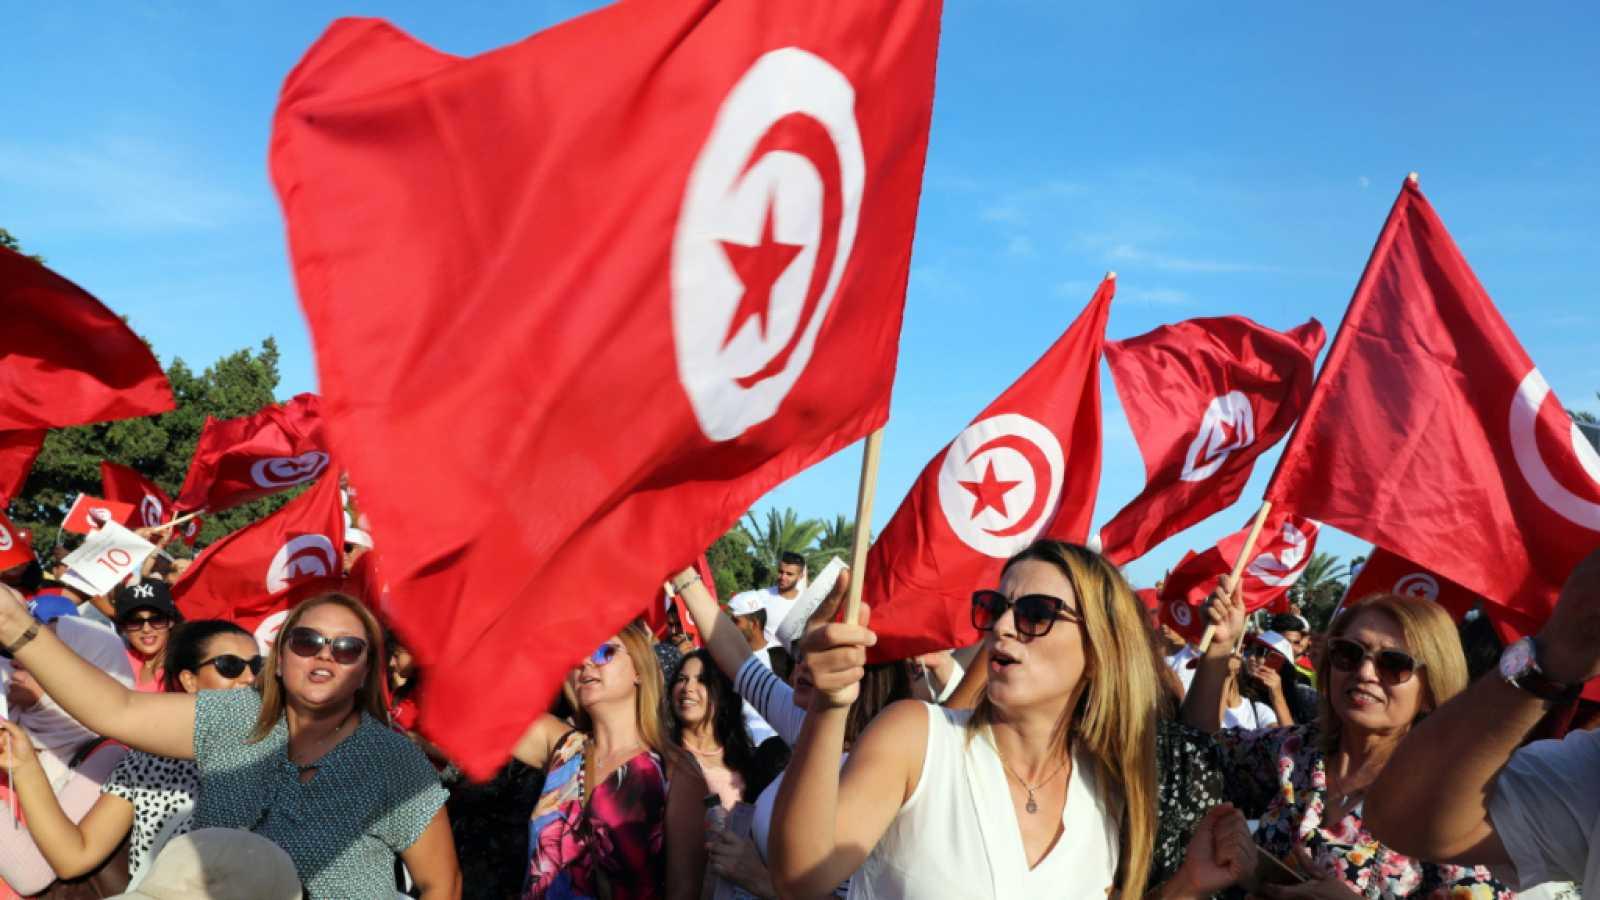 Cinco continentes - Recta final de la campaña en Túnez